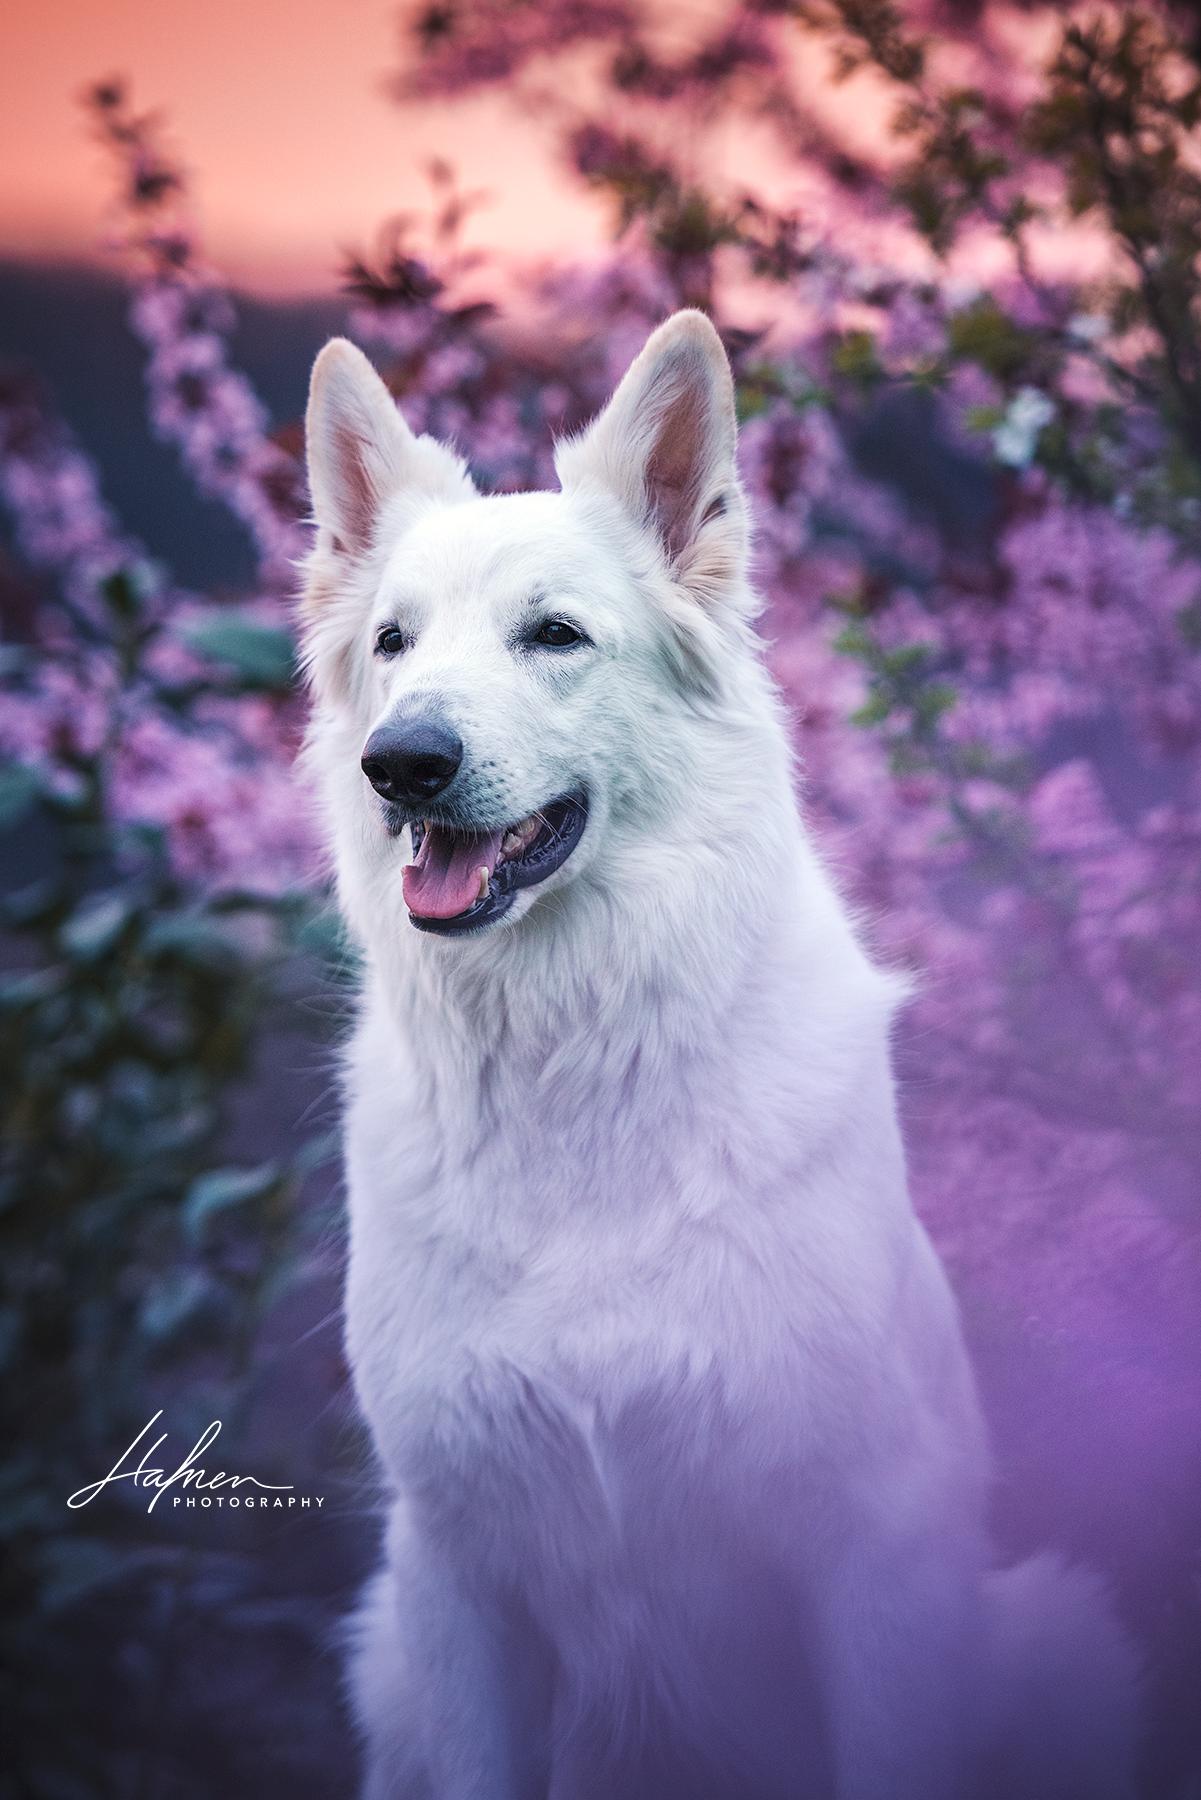 Weisser Schweizer Schaferhund Vor Bluhenden Kirschbaum Im Sonnenaufgang Hund Bilder Foto Fotografie Hunde Fotos Weisser Schaferhund Susse Hunde Bilder